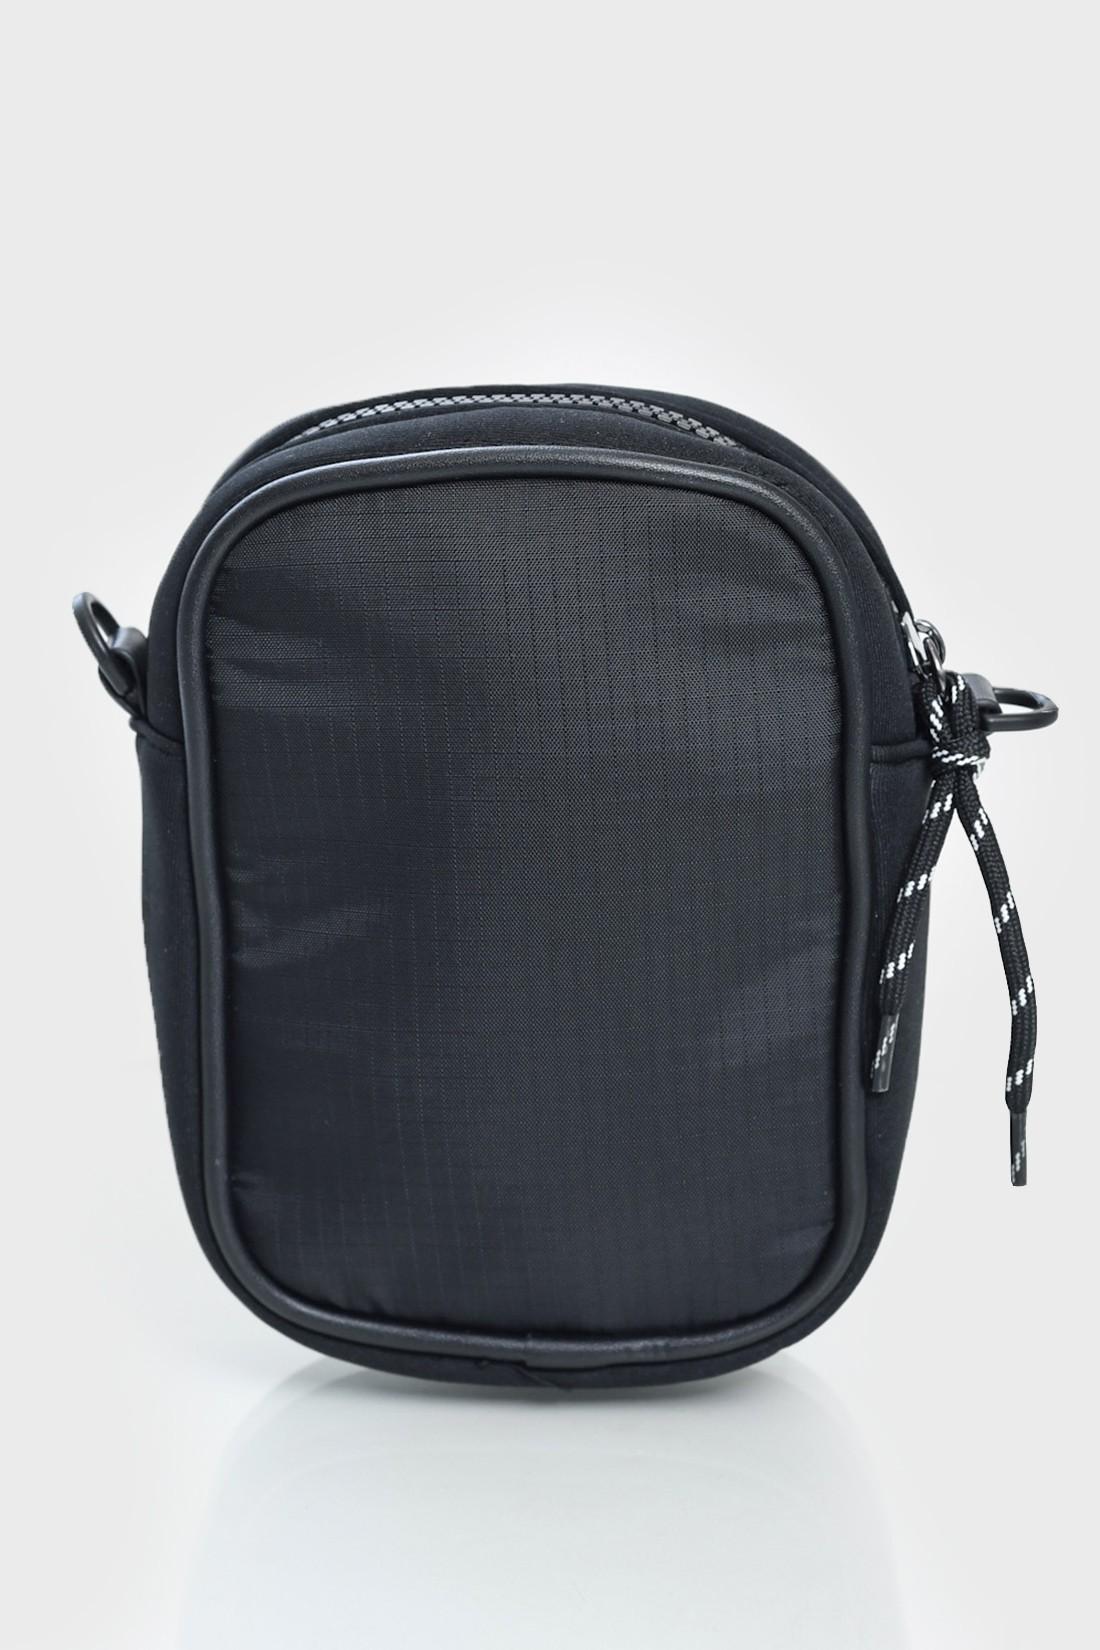 Bolsa Colcci Camera Bag Etiquet